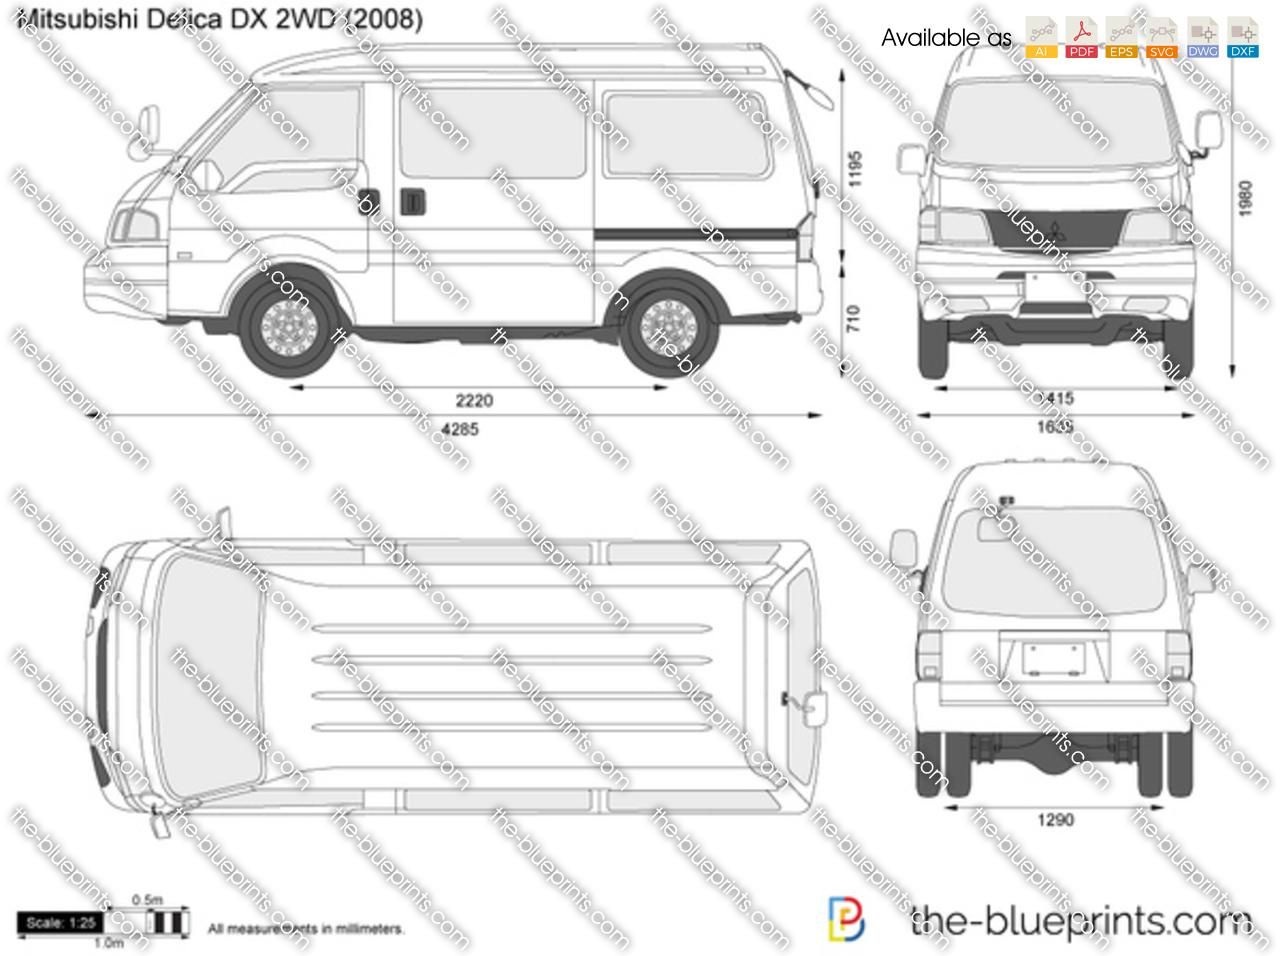 Mitsubishi Delica DX 2WD 1999